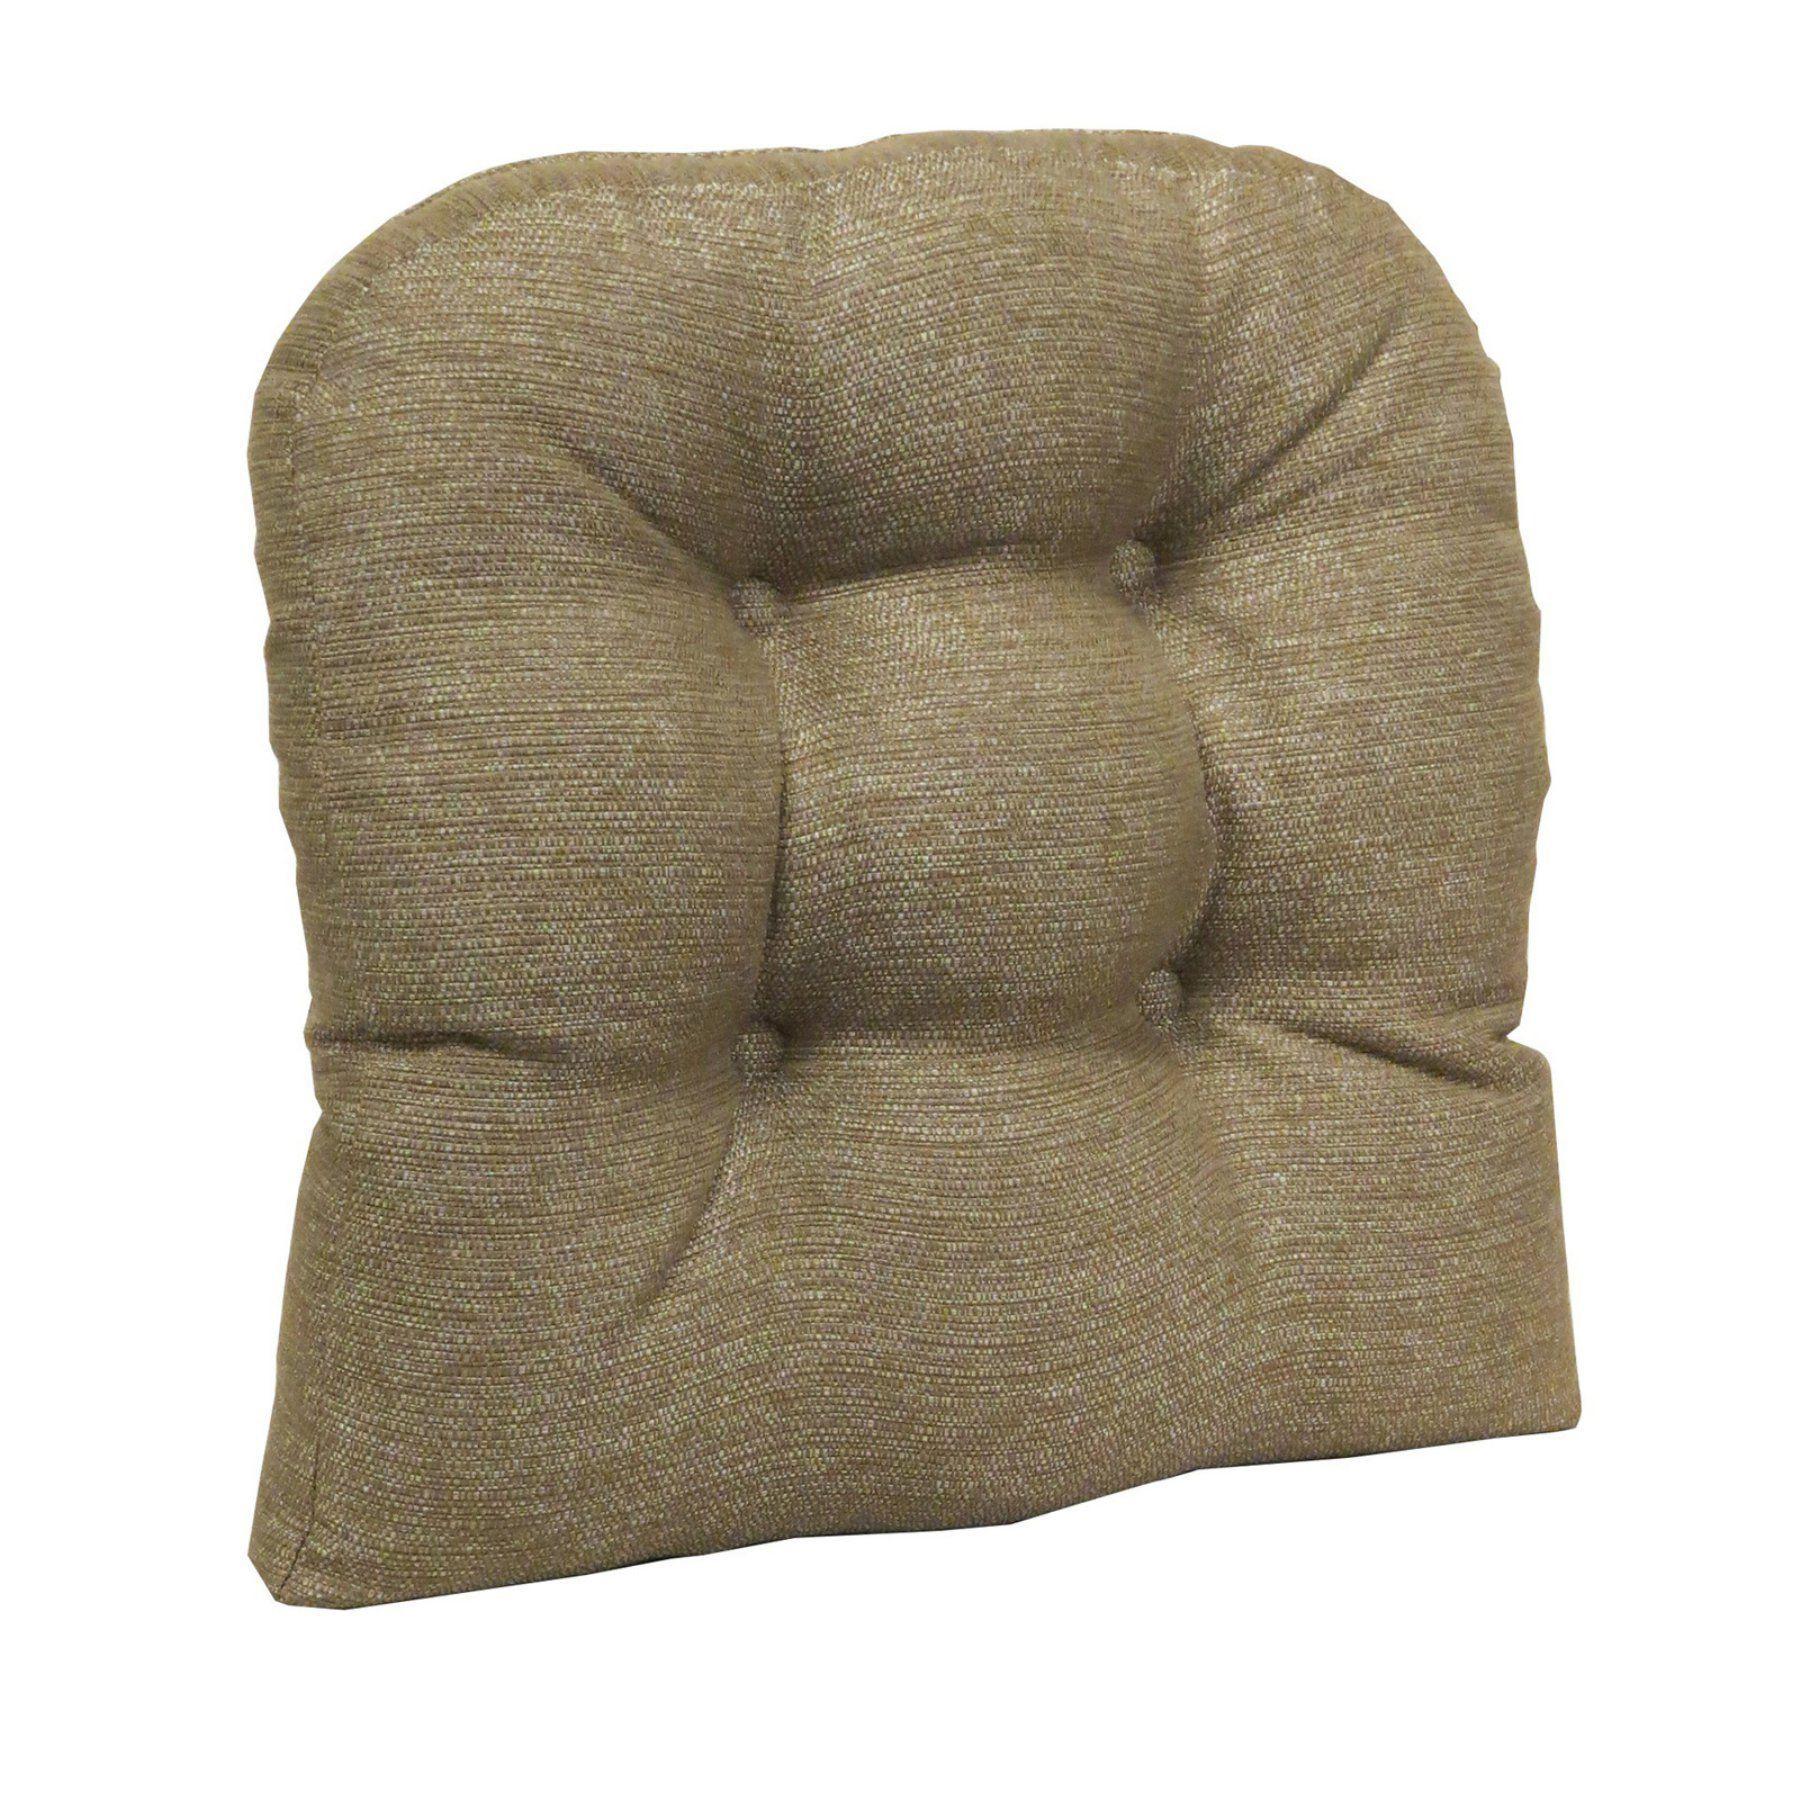 Klear Vu Gripper Non Slip 17 X Omega Tufted Universal Dining Chair Cushion